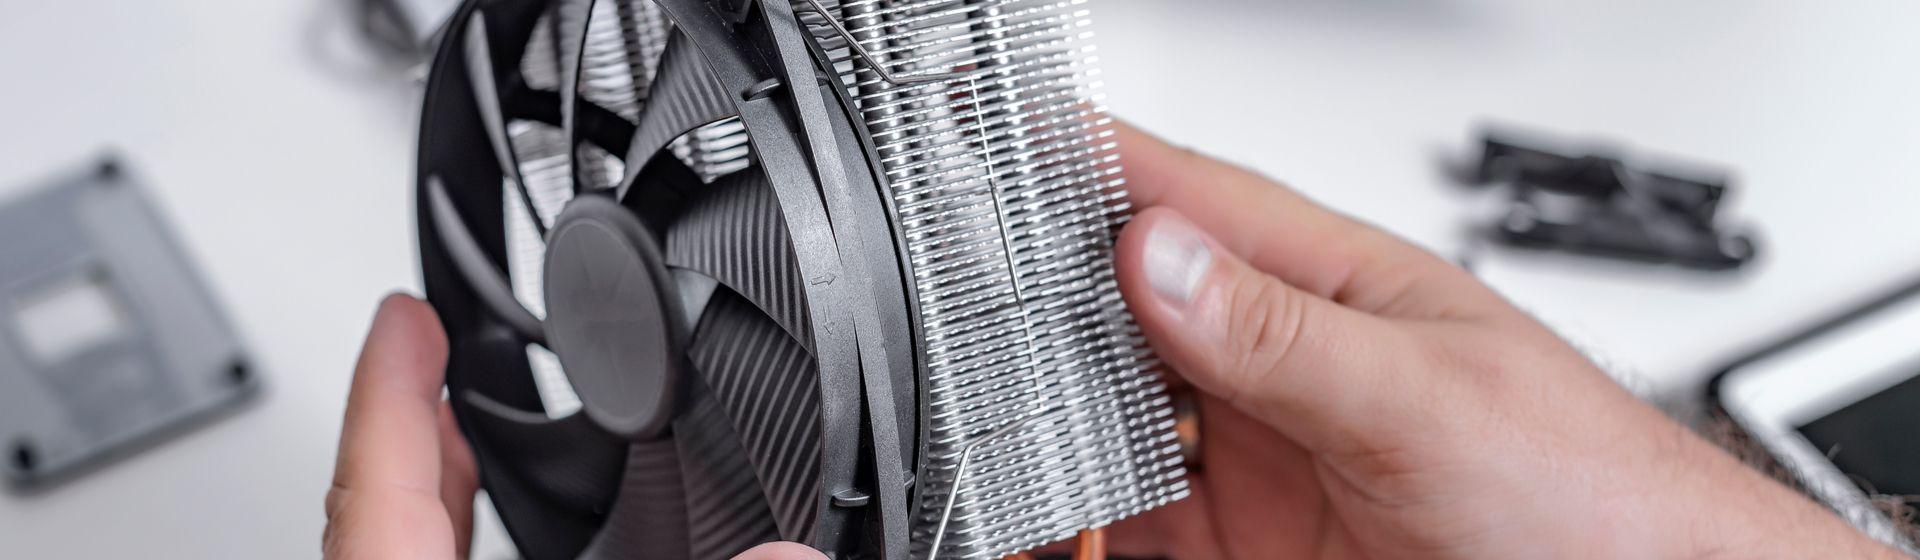 Melhor air cooler para comprar em 2021: veja 6 bons modelos